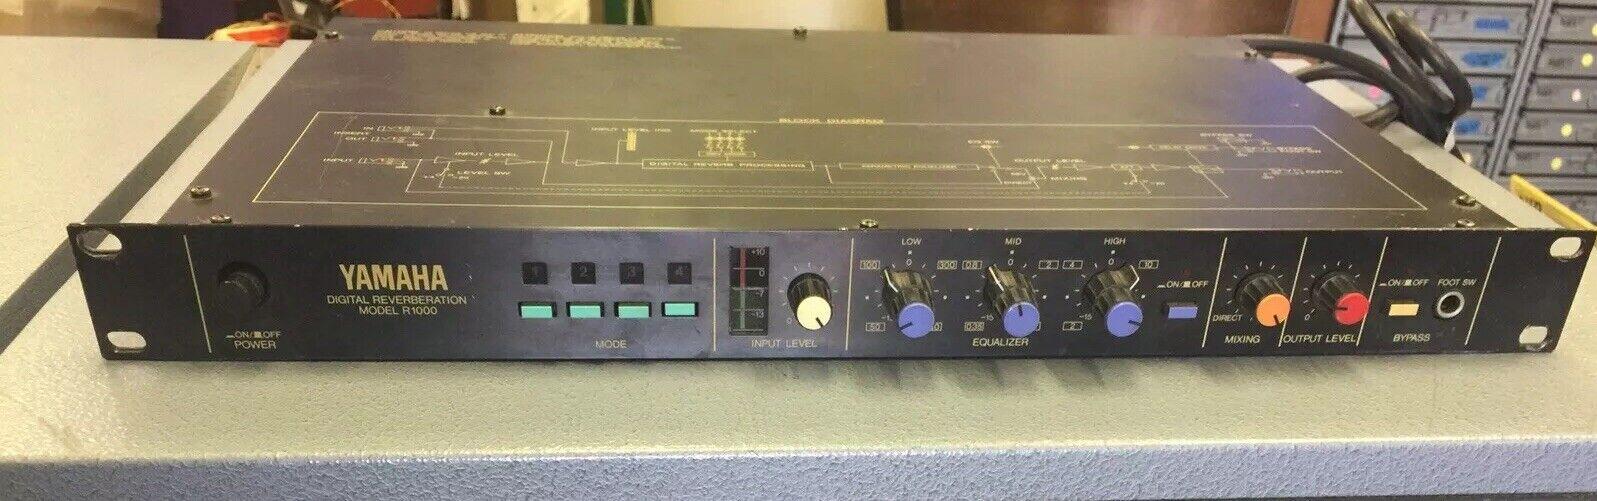 Vintage Yamaha Digital Reverbring Rack Unit Modell R1000